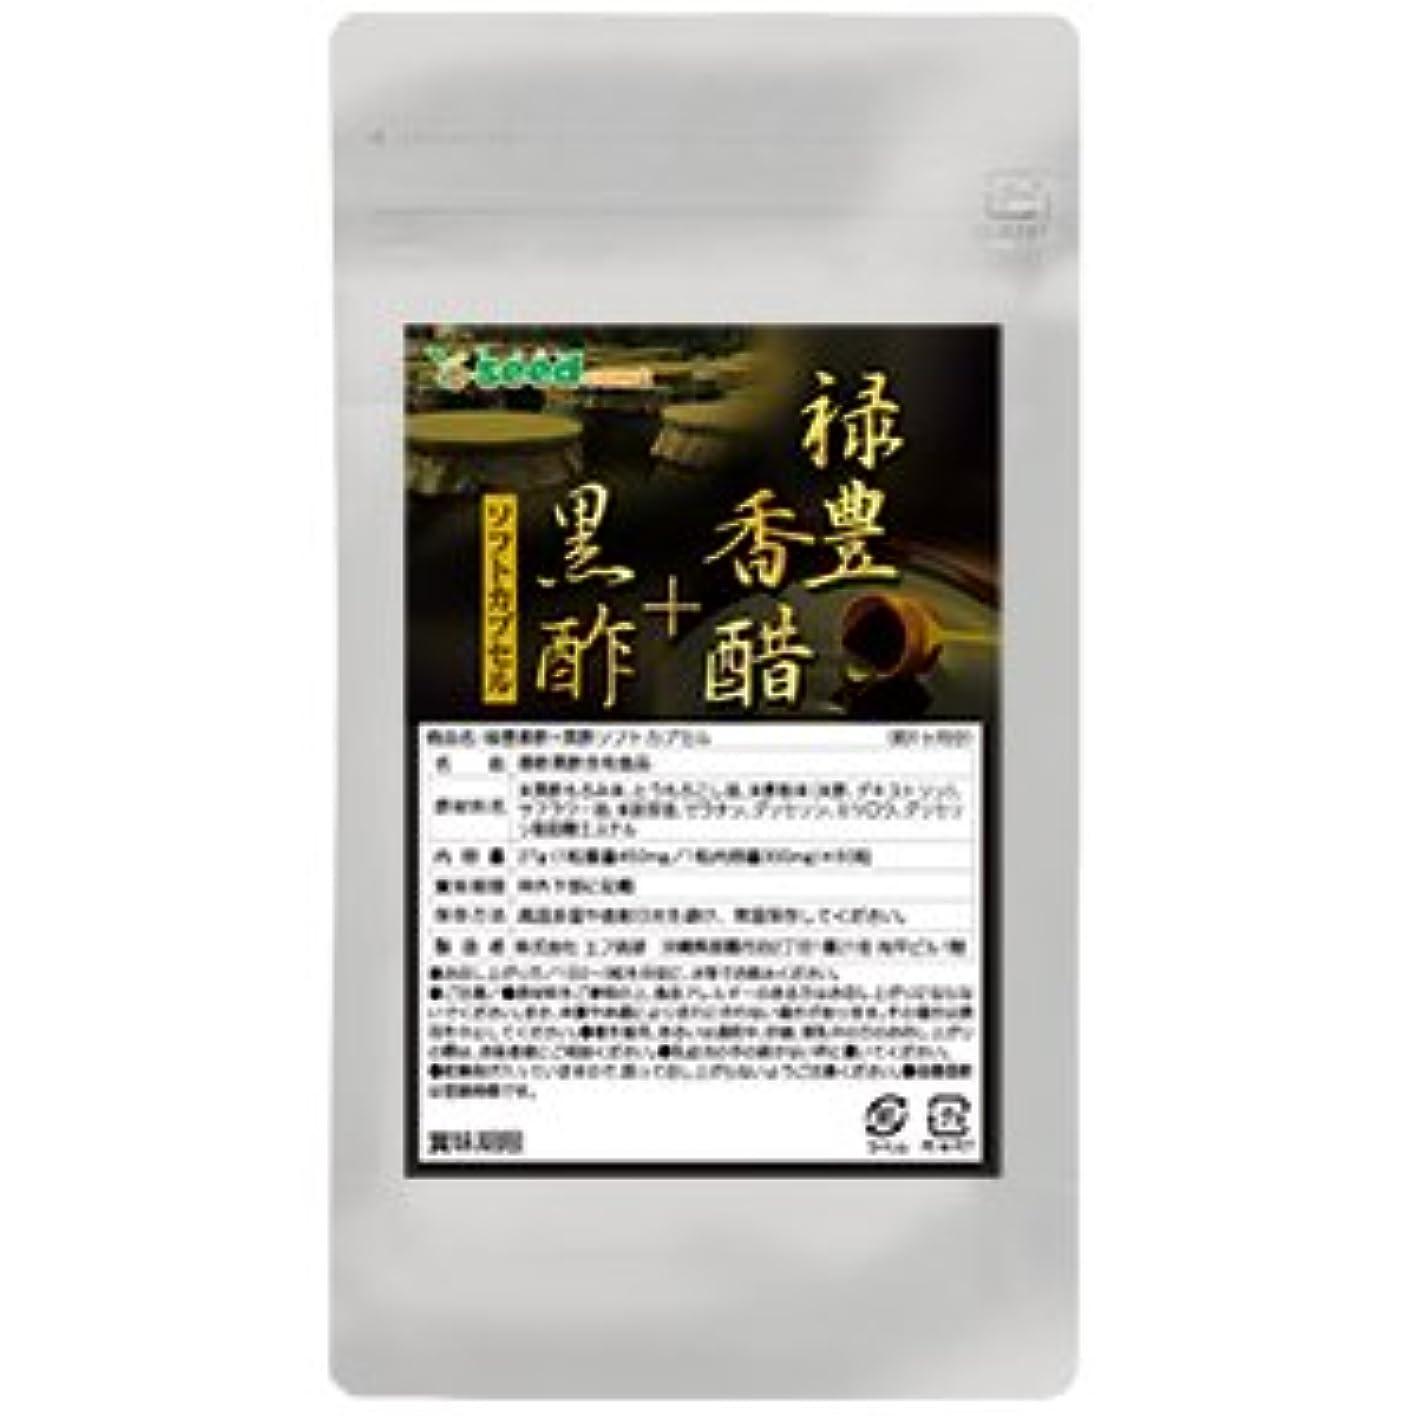 パトロン脚本家学んだ禄豊 香酢 + 黒酢 ソフトカプセル (約3ヶ月分/180粒)